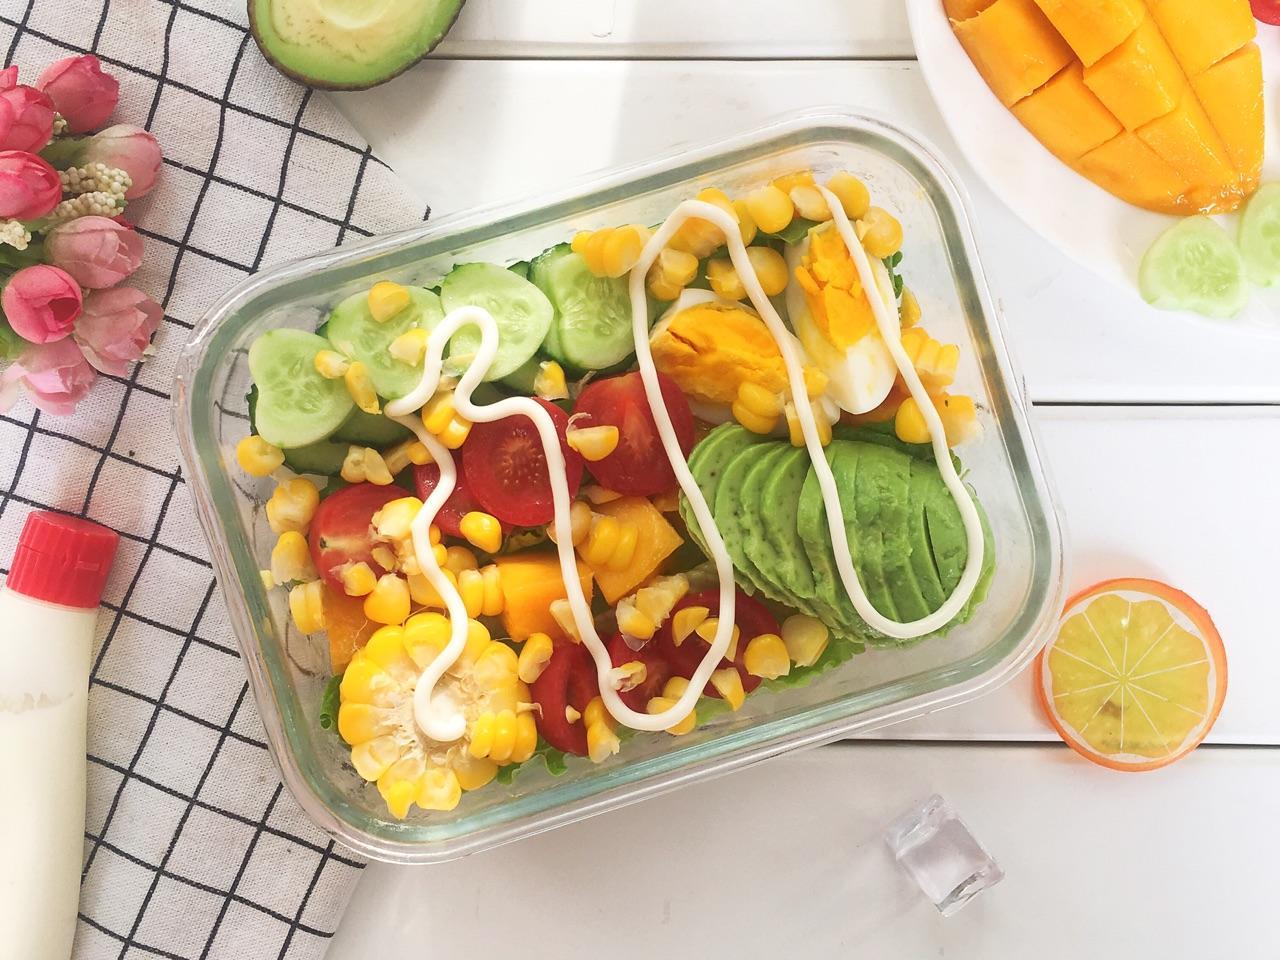 你家的餐桌上,蔬菜水果有多少?